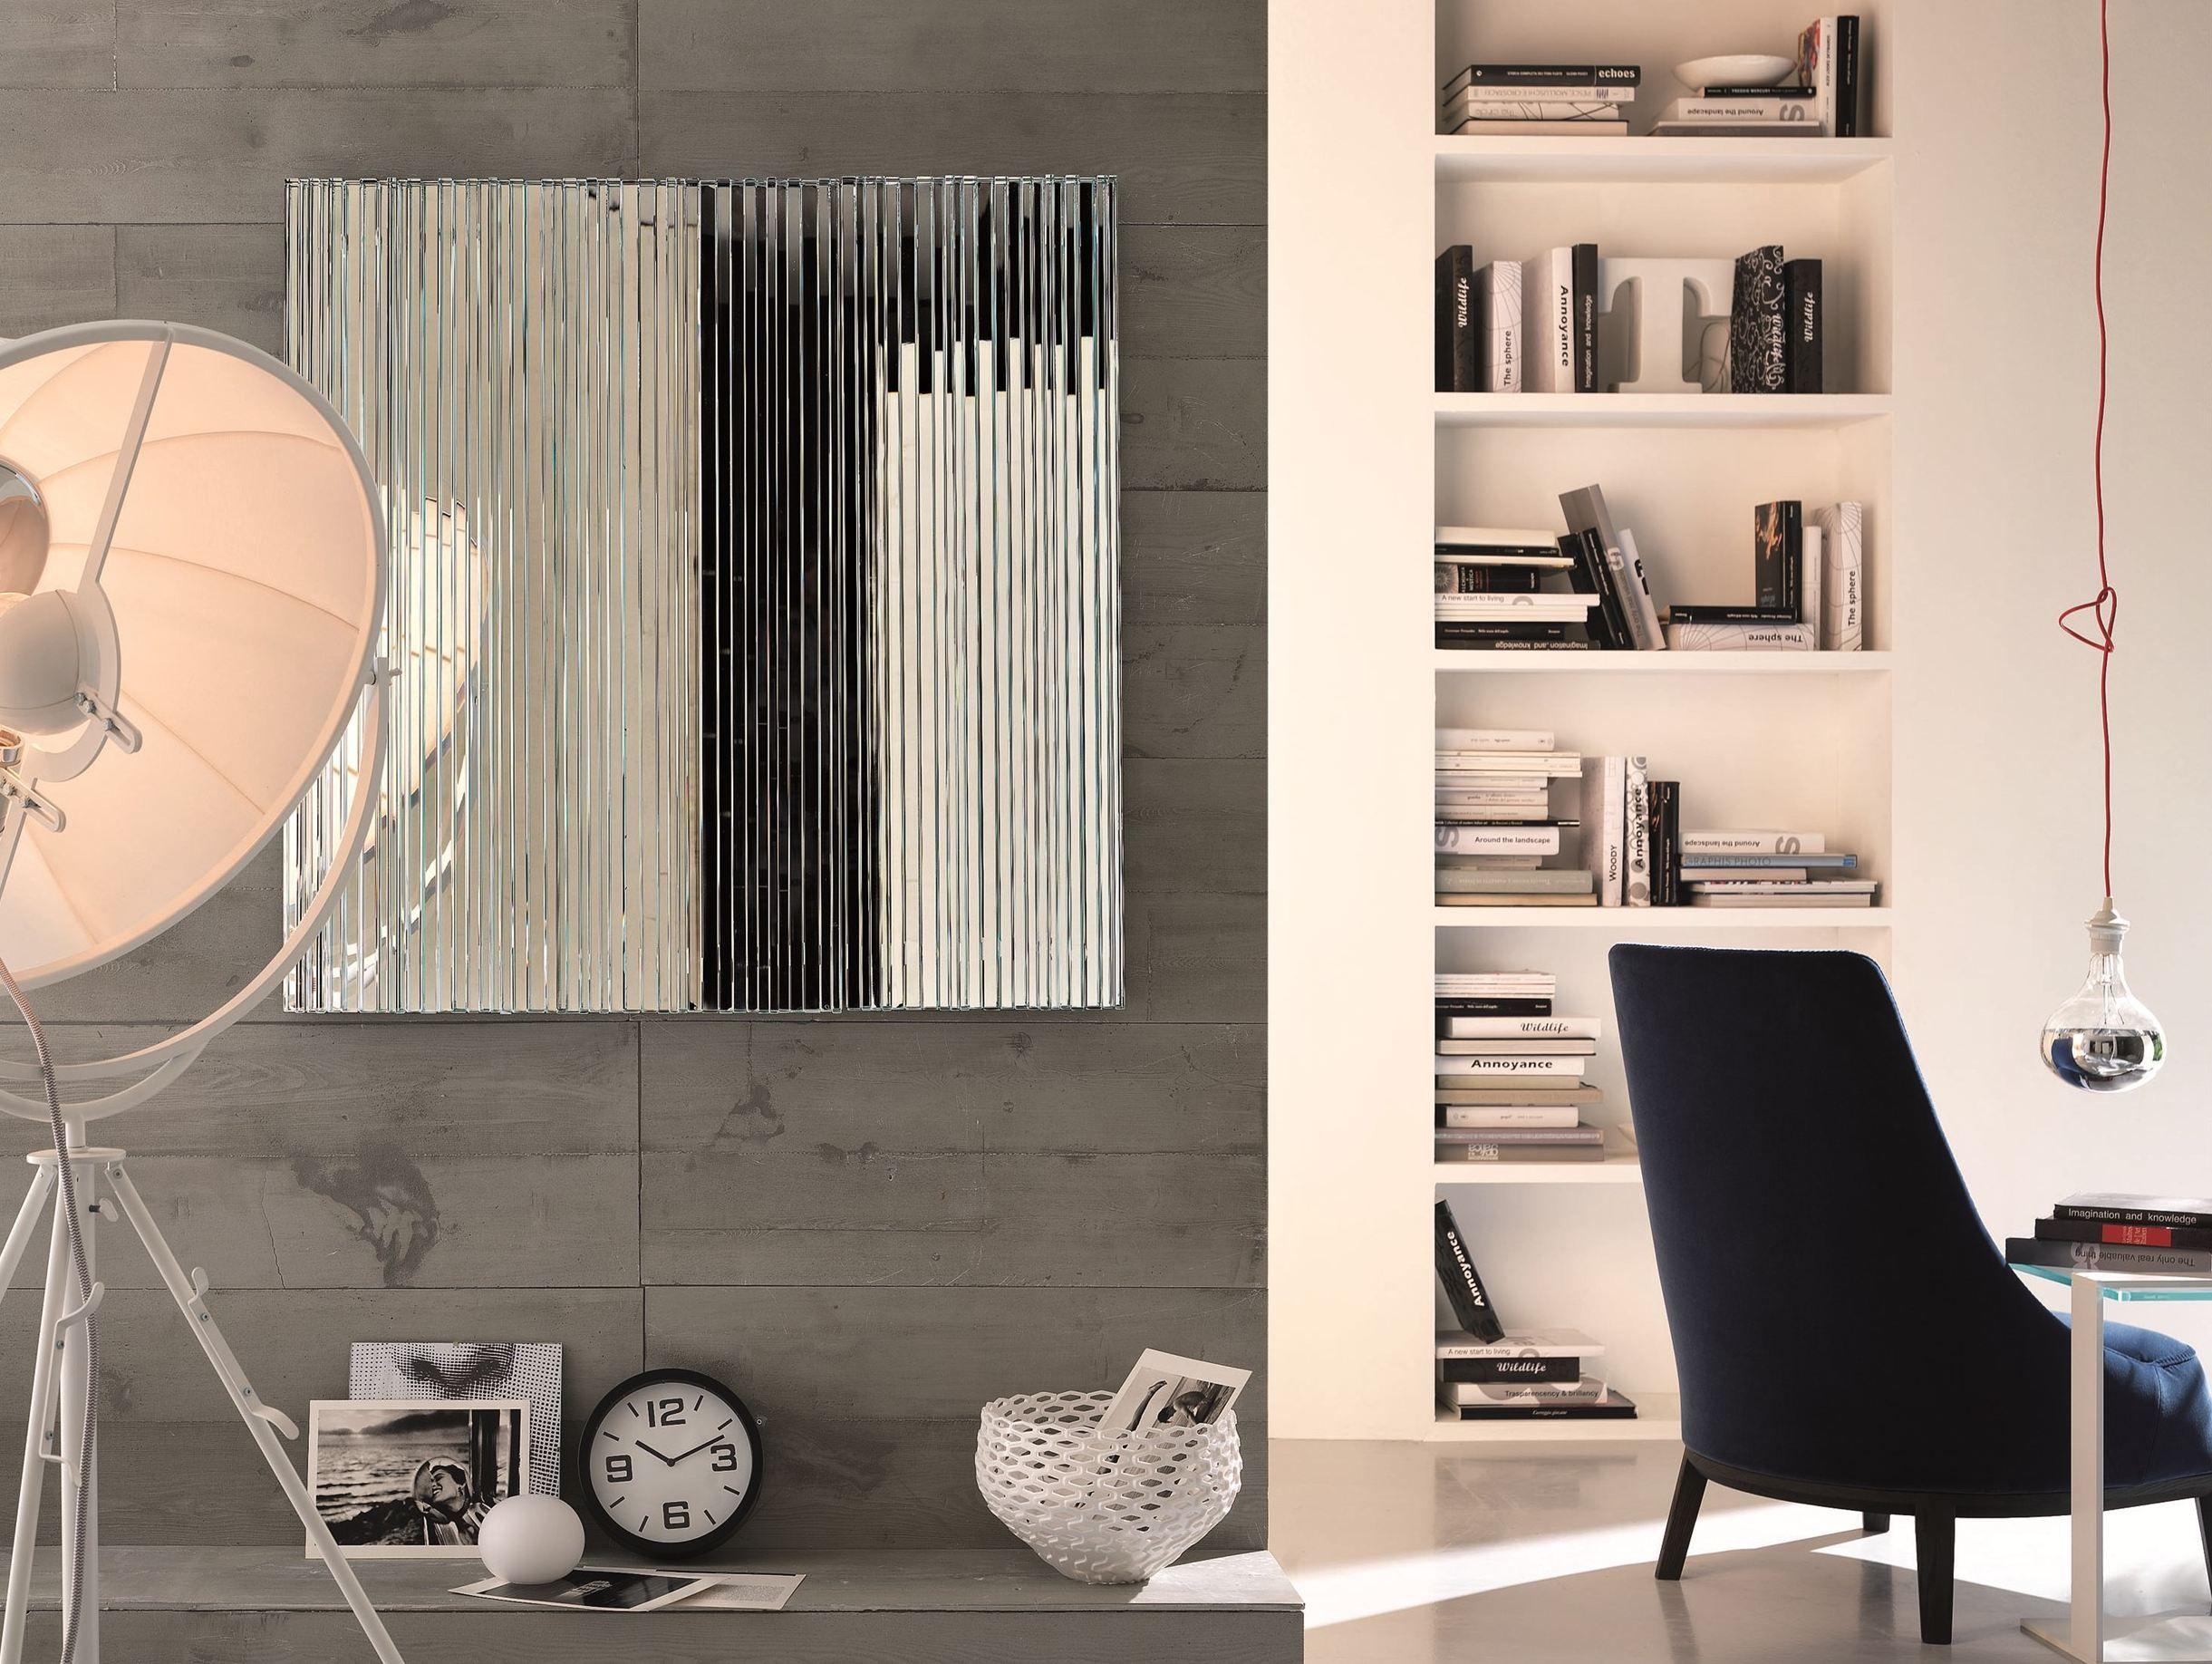 Miroir pour hall d\'entrée VU by T.D. Tonelli Design | design ...